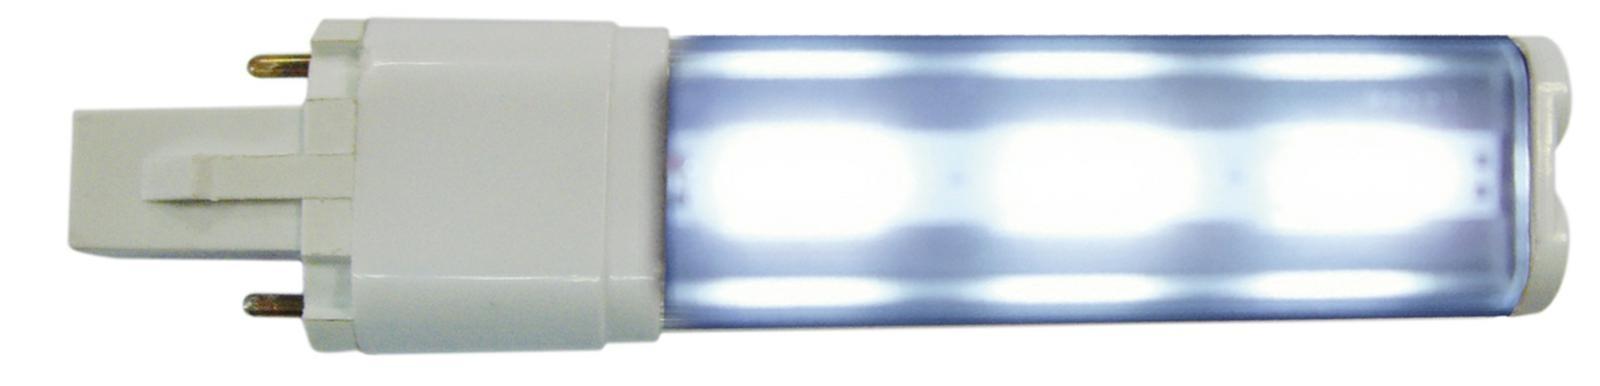 Plafoniera Led Per Acquario Acqua Dolce : Plafoniere a led di potenza per acqua dolce